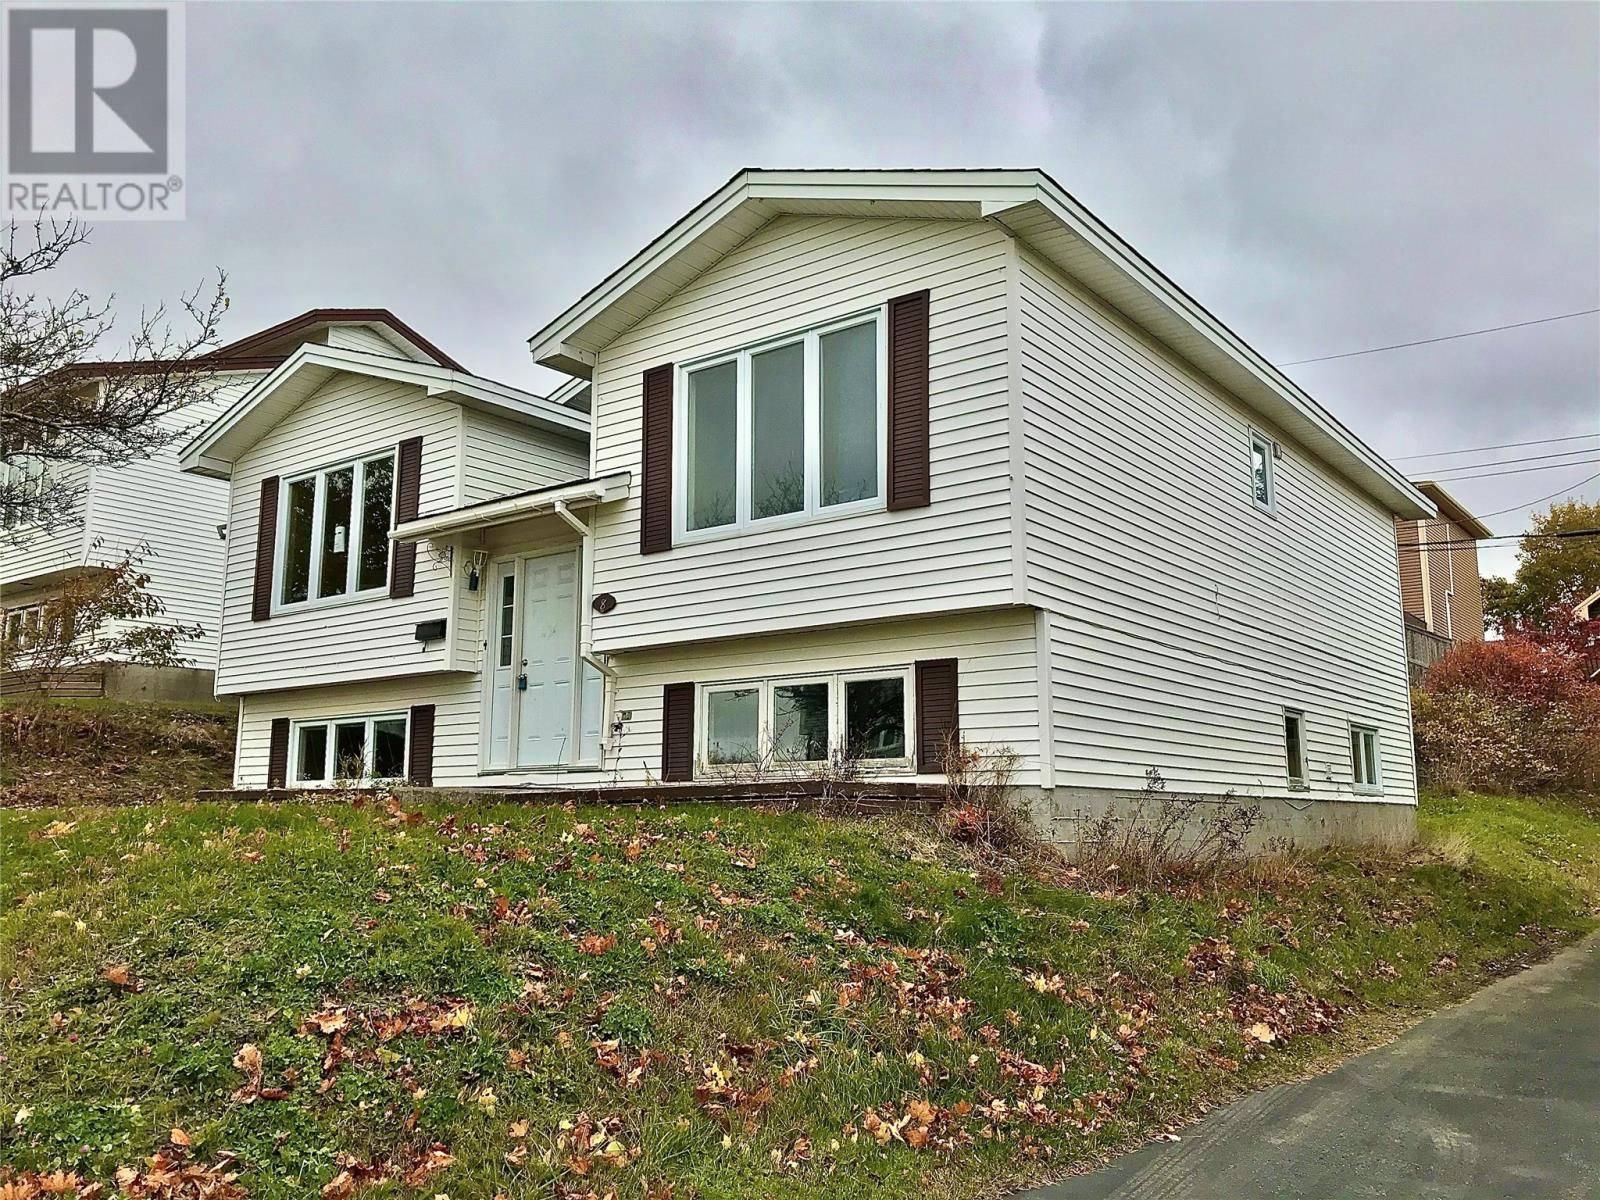 House for sale at 8 Gander Cres St. John's Newfoundland - MLS: 1206872